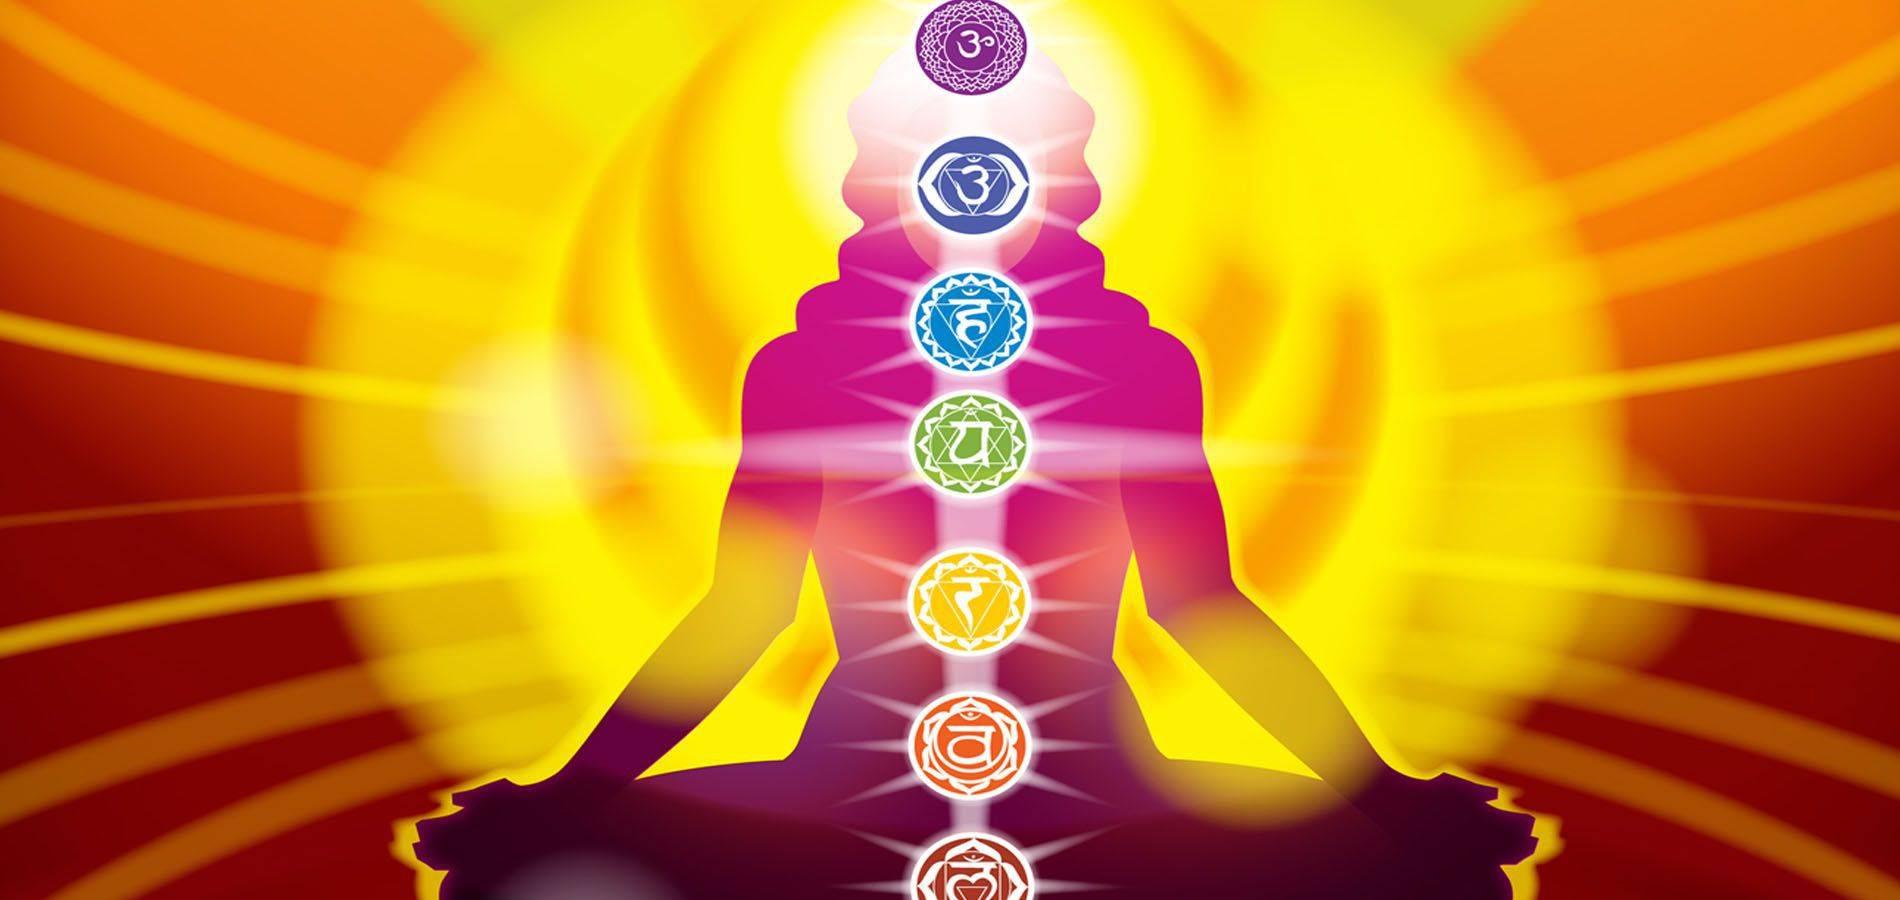 Муладхара чакра: подробное описание, активация и развитие, кундалини